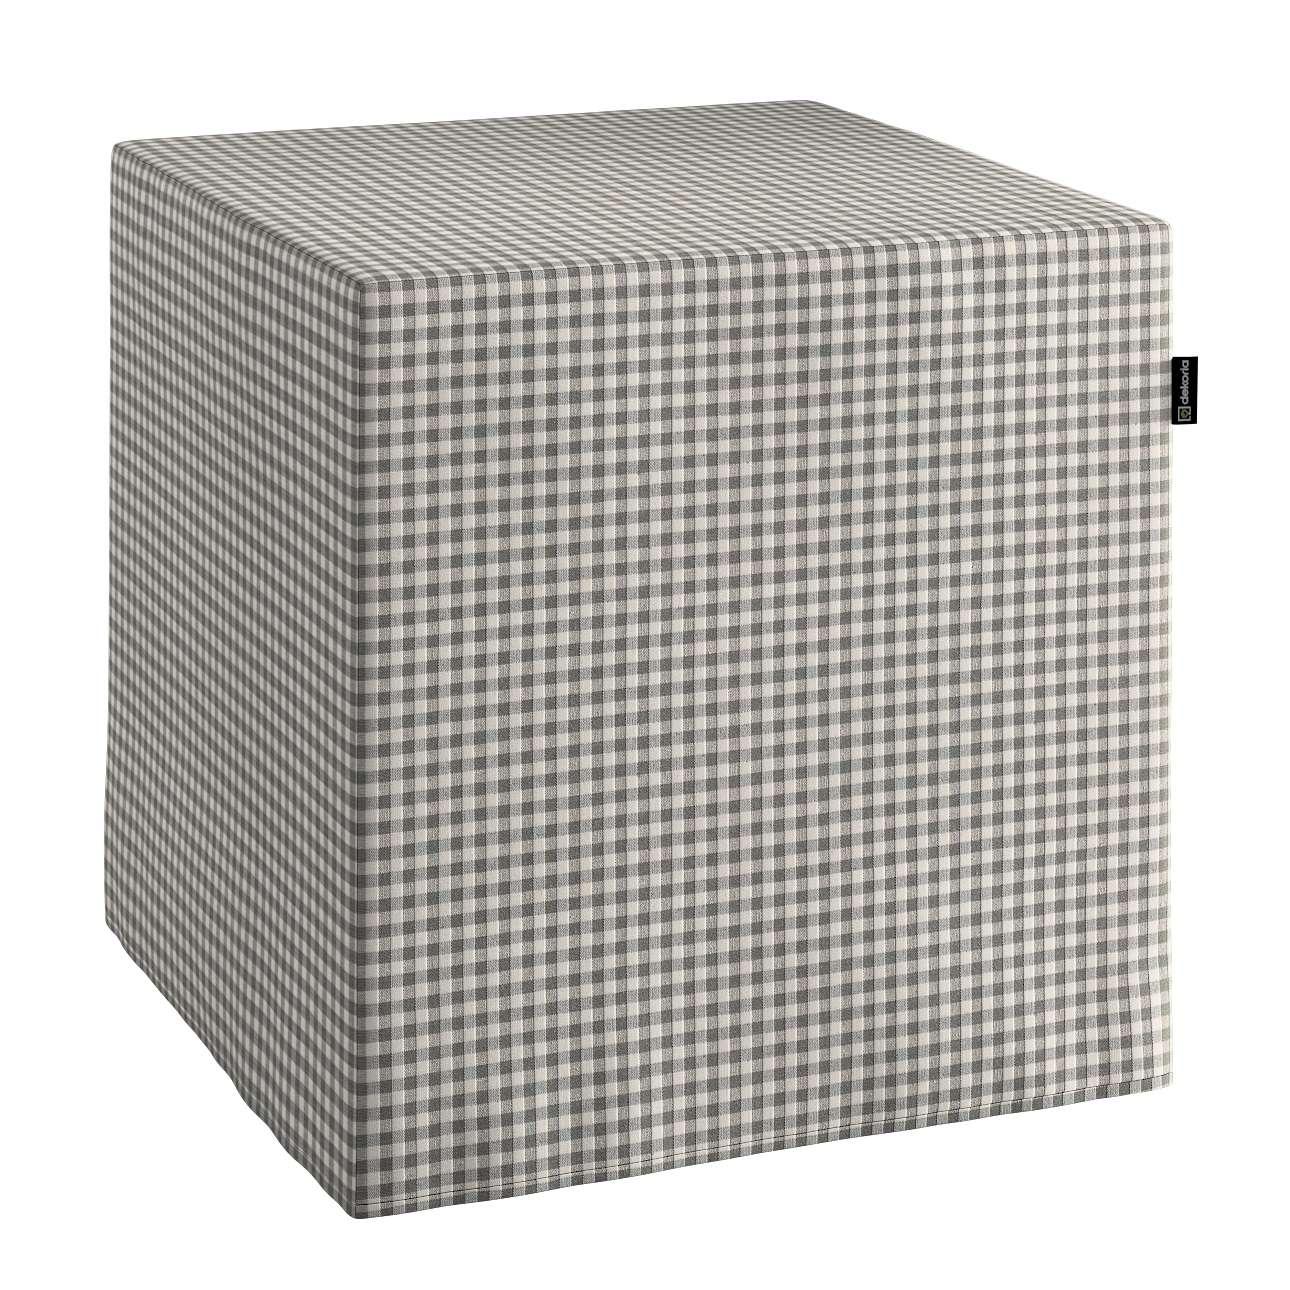 Sedák Cube - kostka pevná 40x40x40 v kolekci Quadro, látka: 136-10